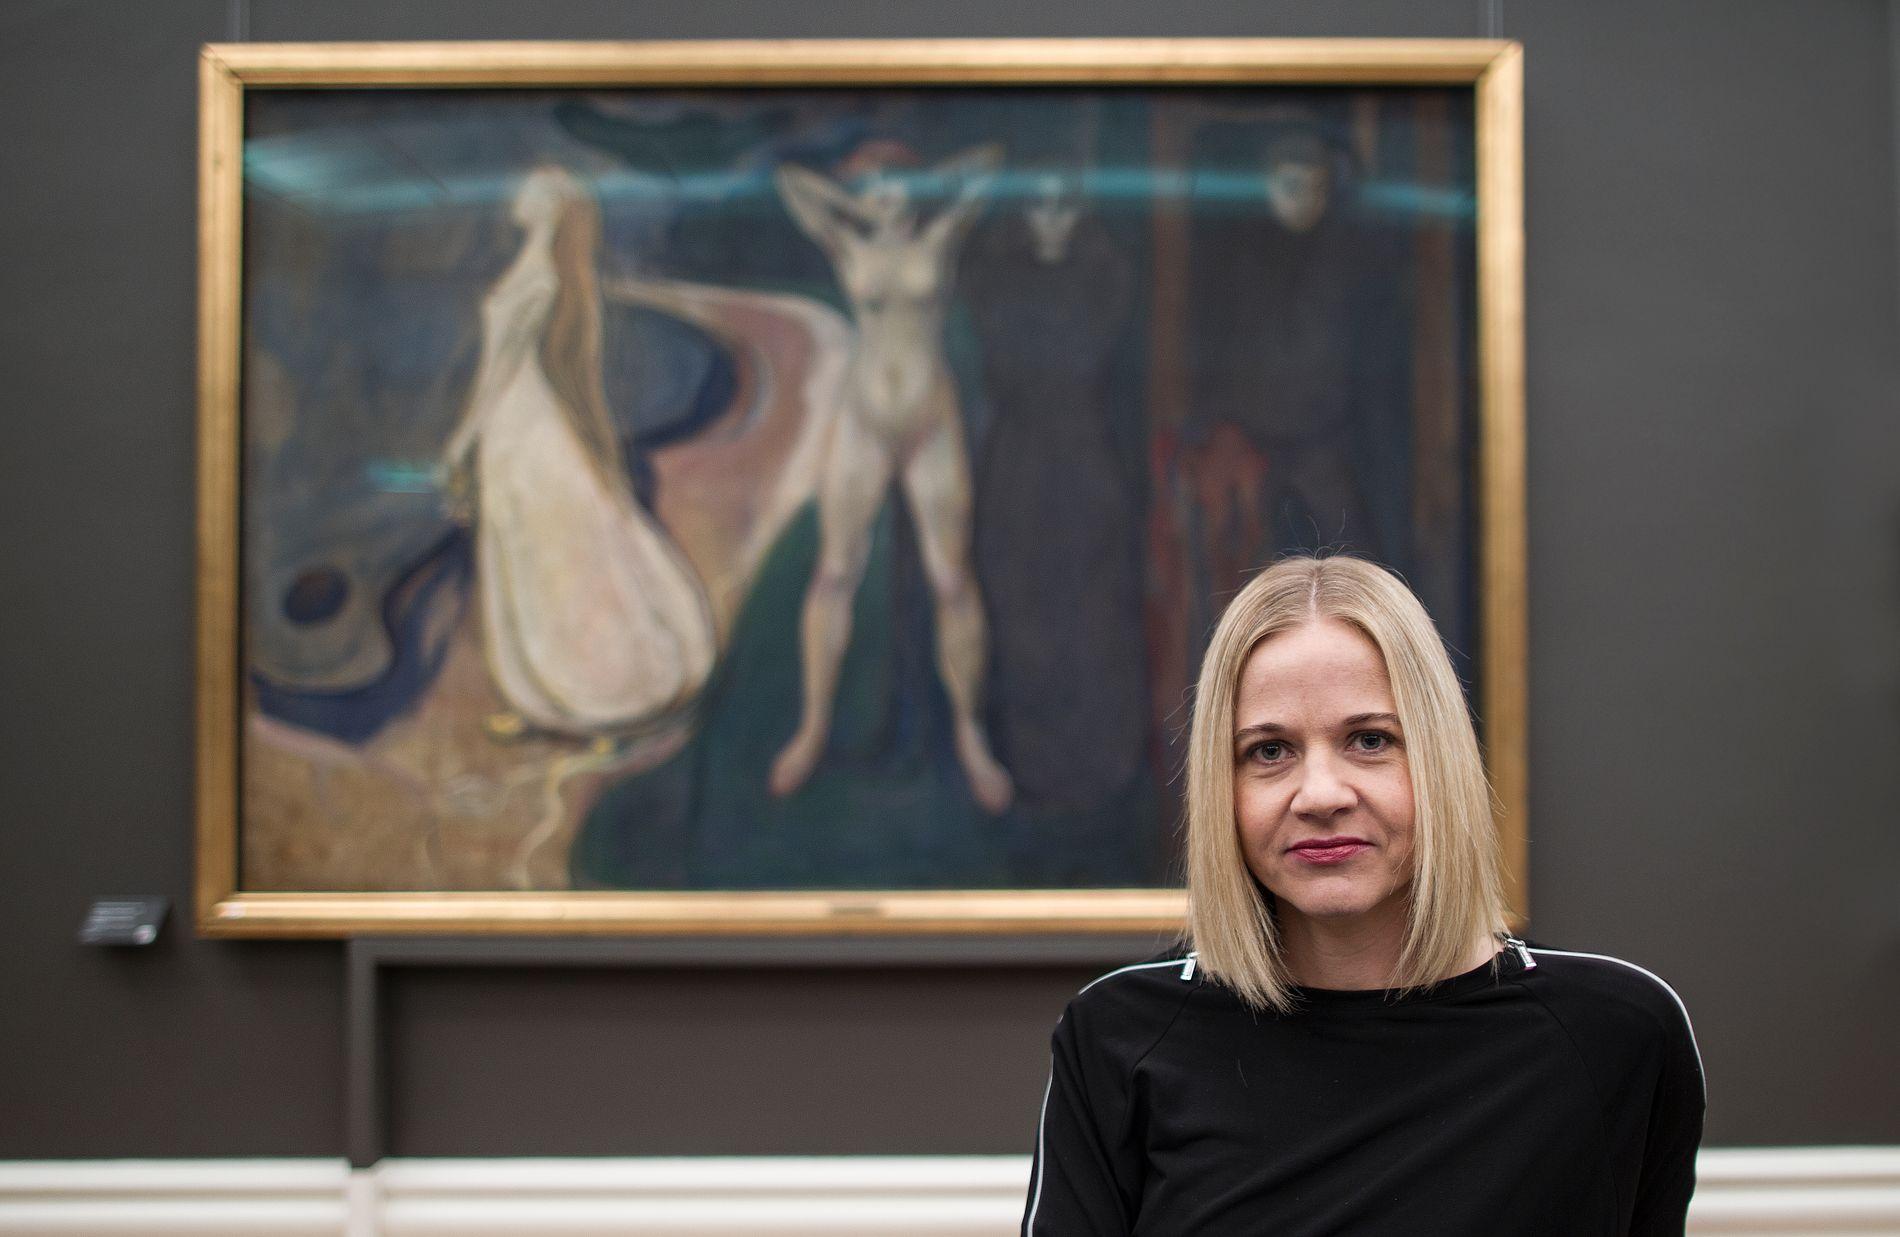 NASJONALMUSEETS DIREKTØR. Karin Hindsbo var sjef før Kode-museene i Bergen før hun tok over på Nasjonalmuseet i 2017. Hun forsvarer naturlig nok hundremillionersavtalen med Fredriksen-familien.